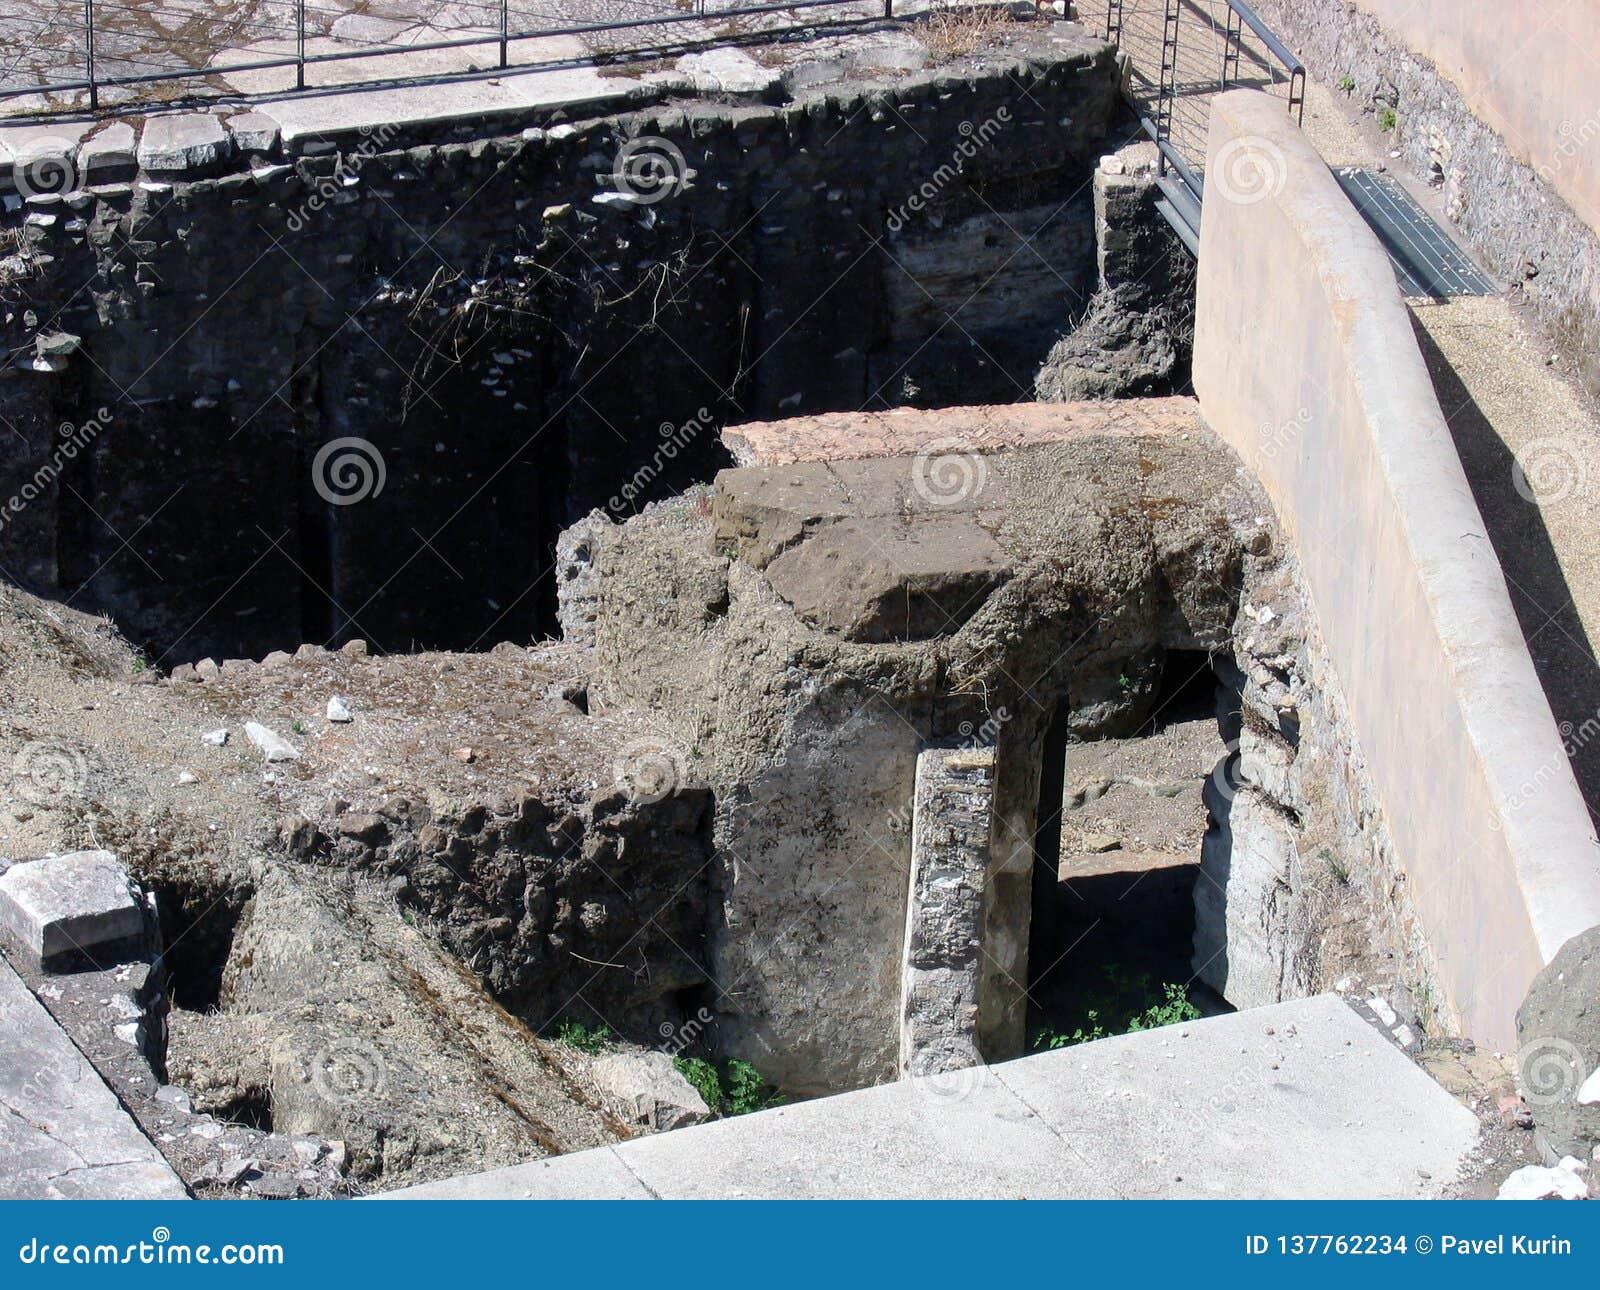 Aushöhlungen auf dem Standort des alten römischen Forums, die kulturelle Schicht